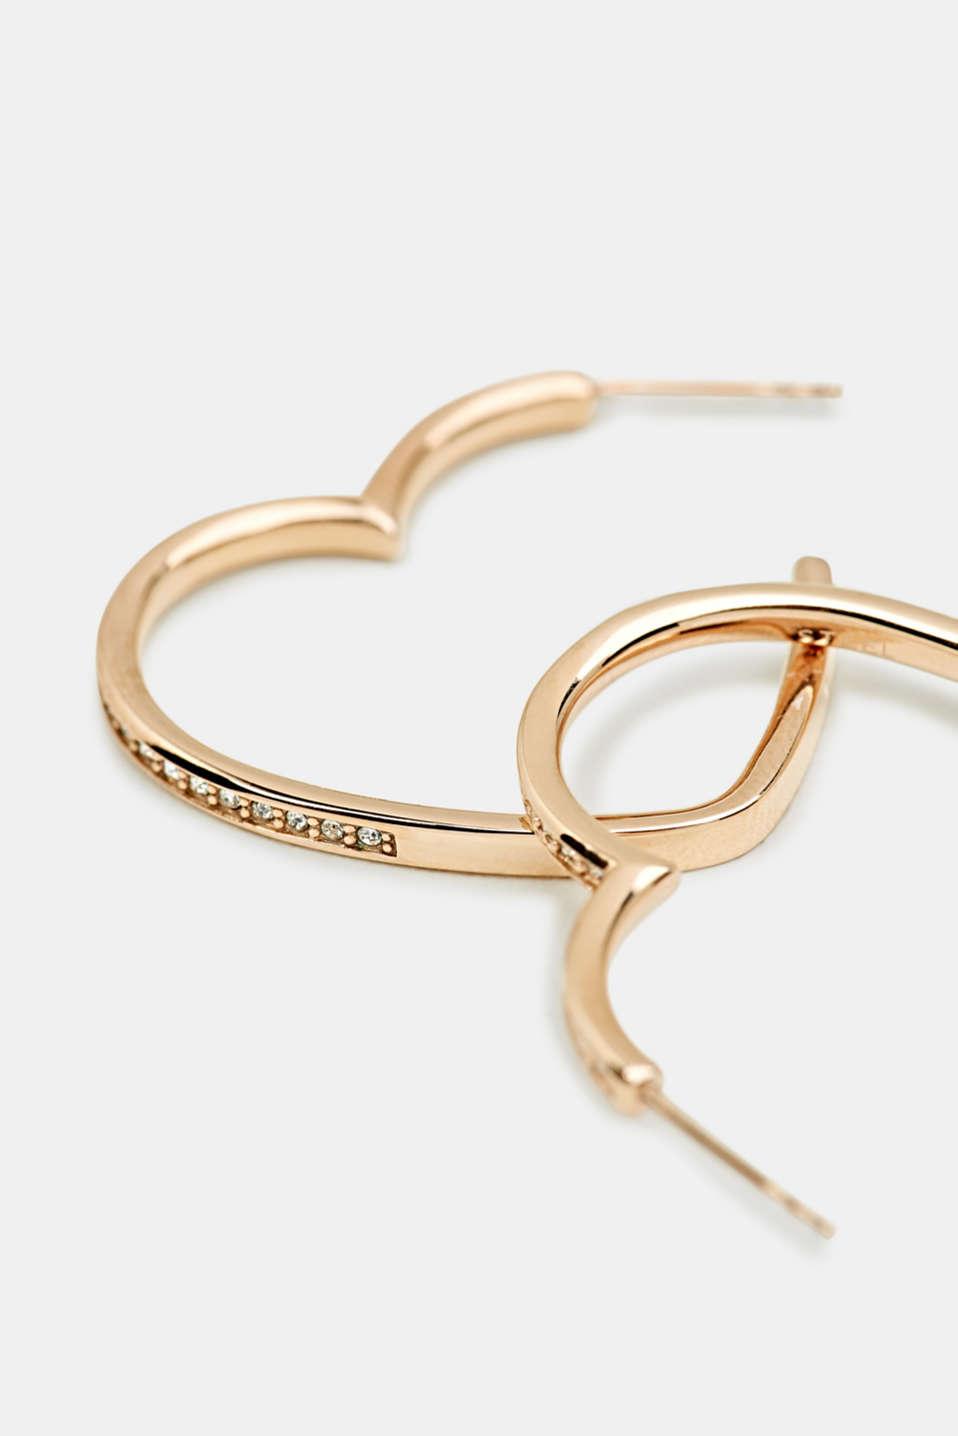 Heart-shaped hoop earrings in stainless steel, LCROSEGOLD, detail image number 1